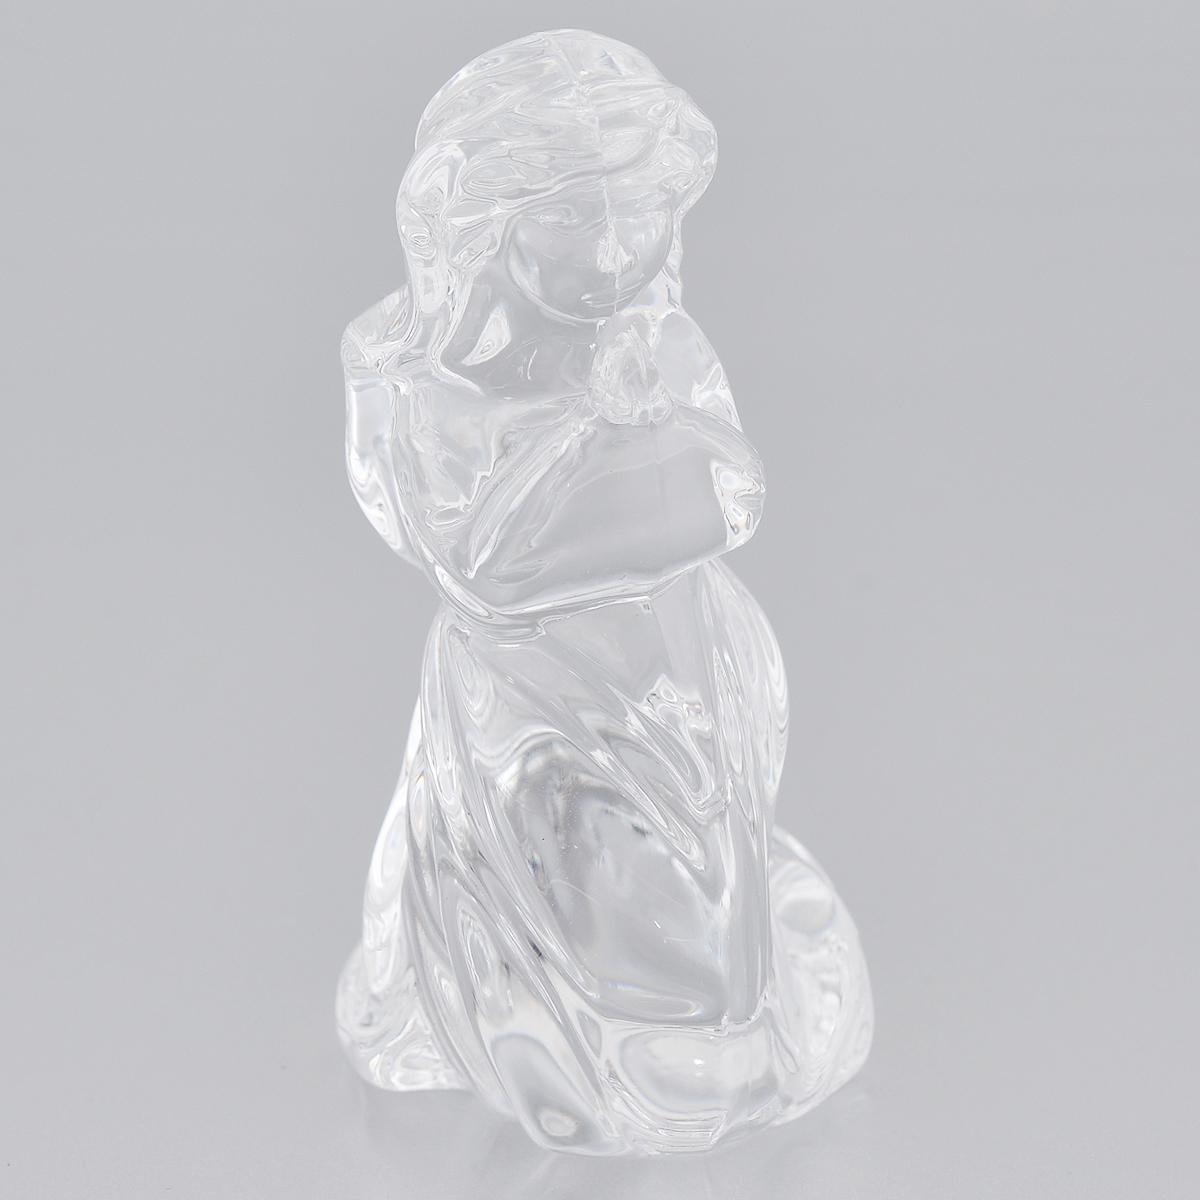 Фигурка декоративная Crystal Bohemia Ангел, высота 8 см427117Фигурка Crystal Bohemia Ангел изготовлена из высококачественного хрусталя. Фигурка выполнена в виде ангела и сочетает в себе изысканный дизайн и лаконичность. Она прекрасно подойдет для декора интерьера дома или офиса и станет достойным дополнением к вашей коллекции. Вы можете поставить фигурку в любом месте, где она будет удачно смотреться и радовать глаз. Кроме того - это отличный вариант подарка для ваших близких и друзей. Высота: 8 см.